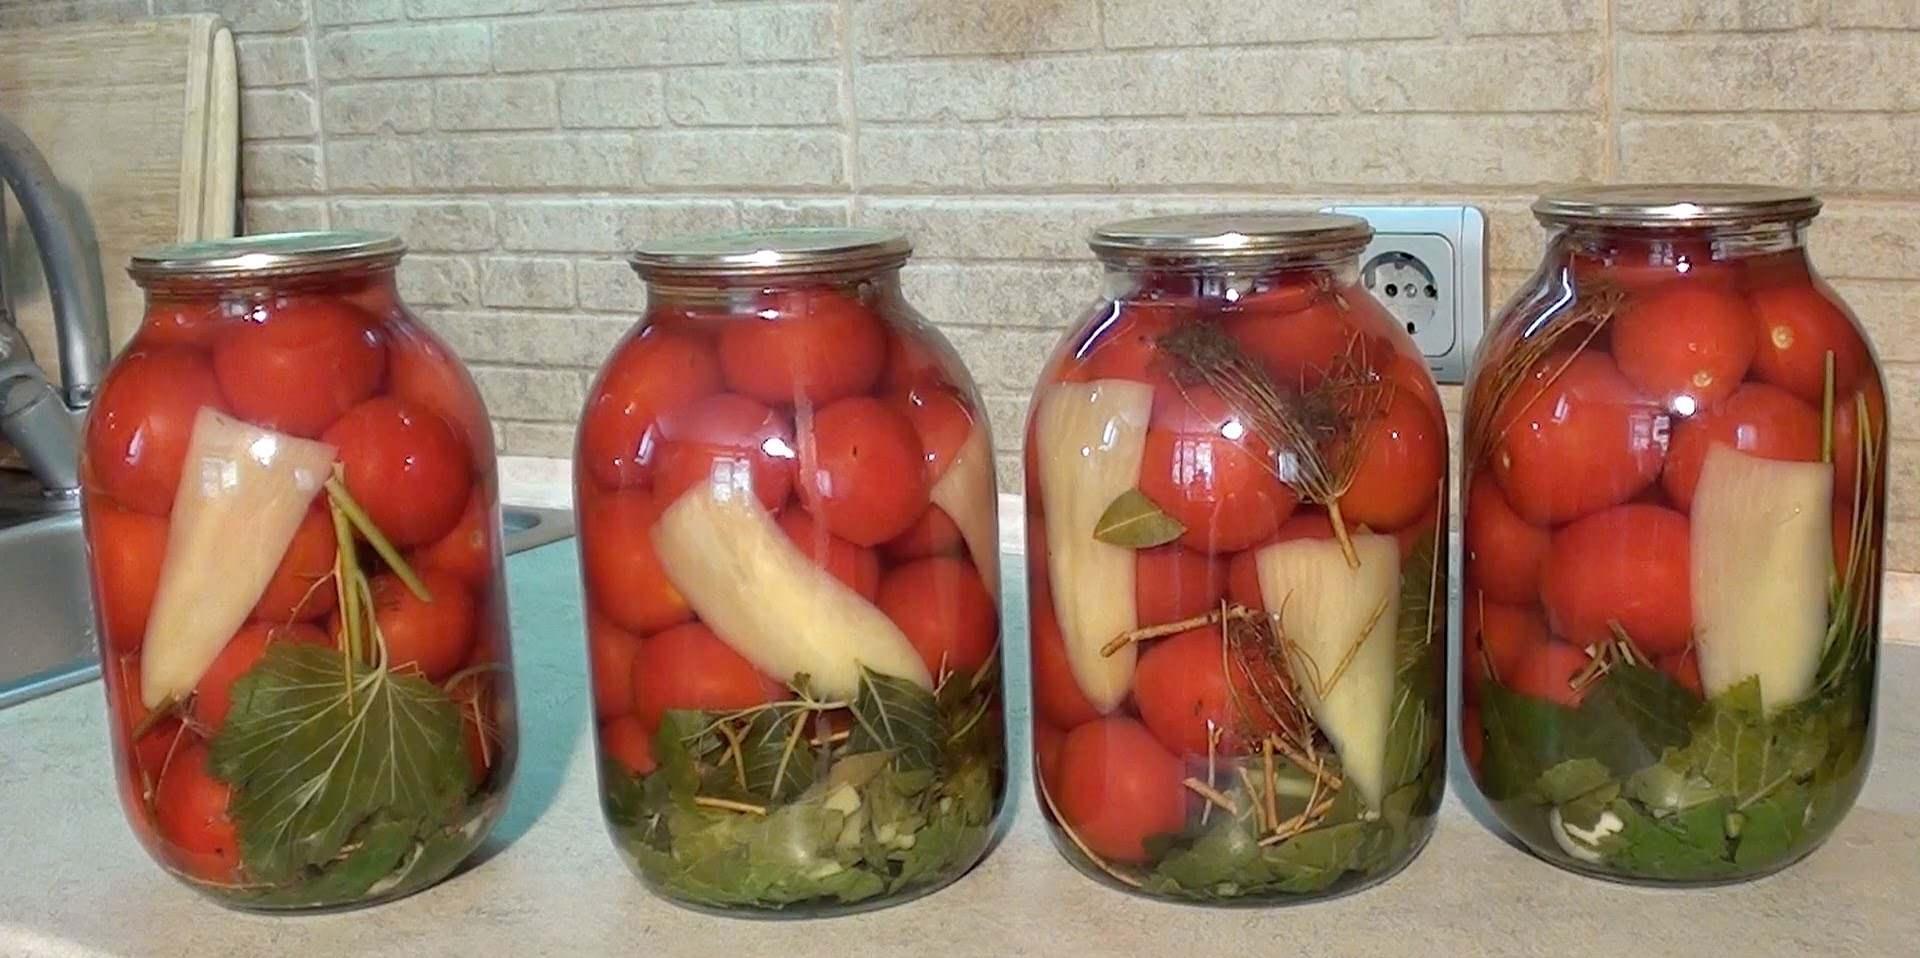 Отличие этой заготовки в отсутствии уксуса и вкусе свеженарезанных овощей